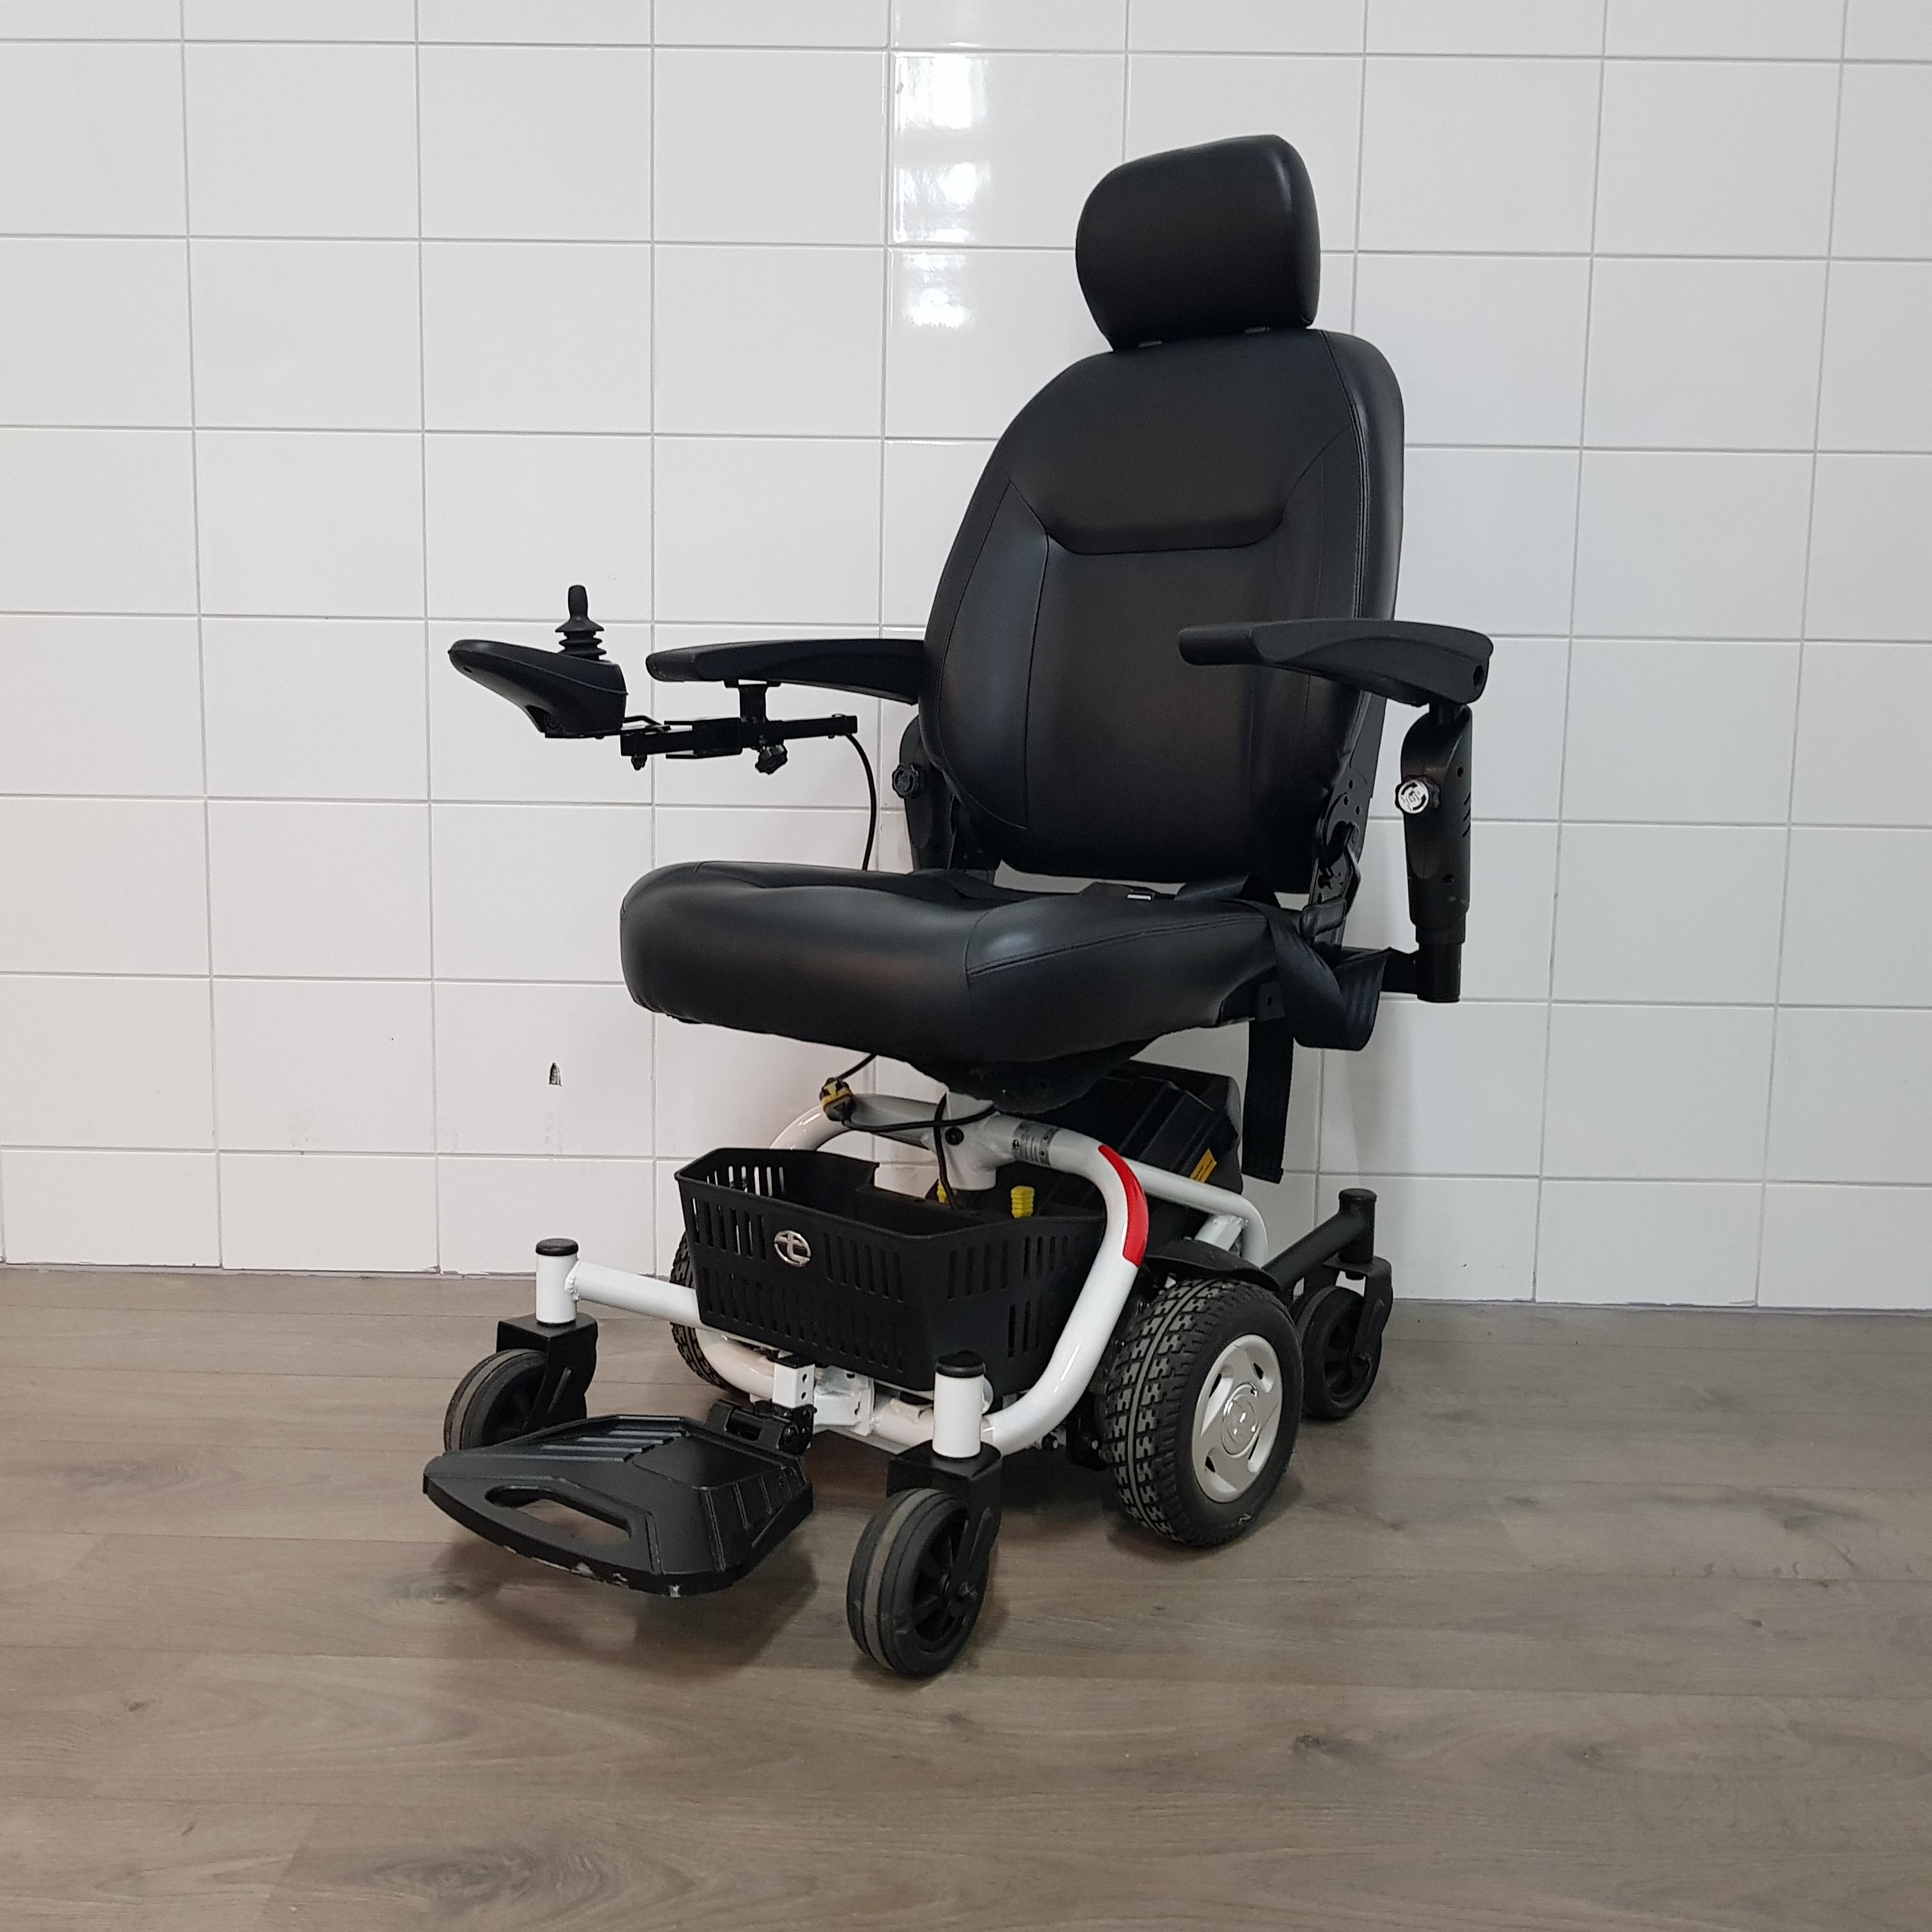 Gebruikte rolstoelen